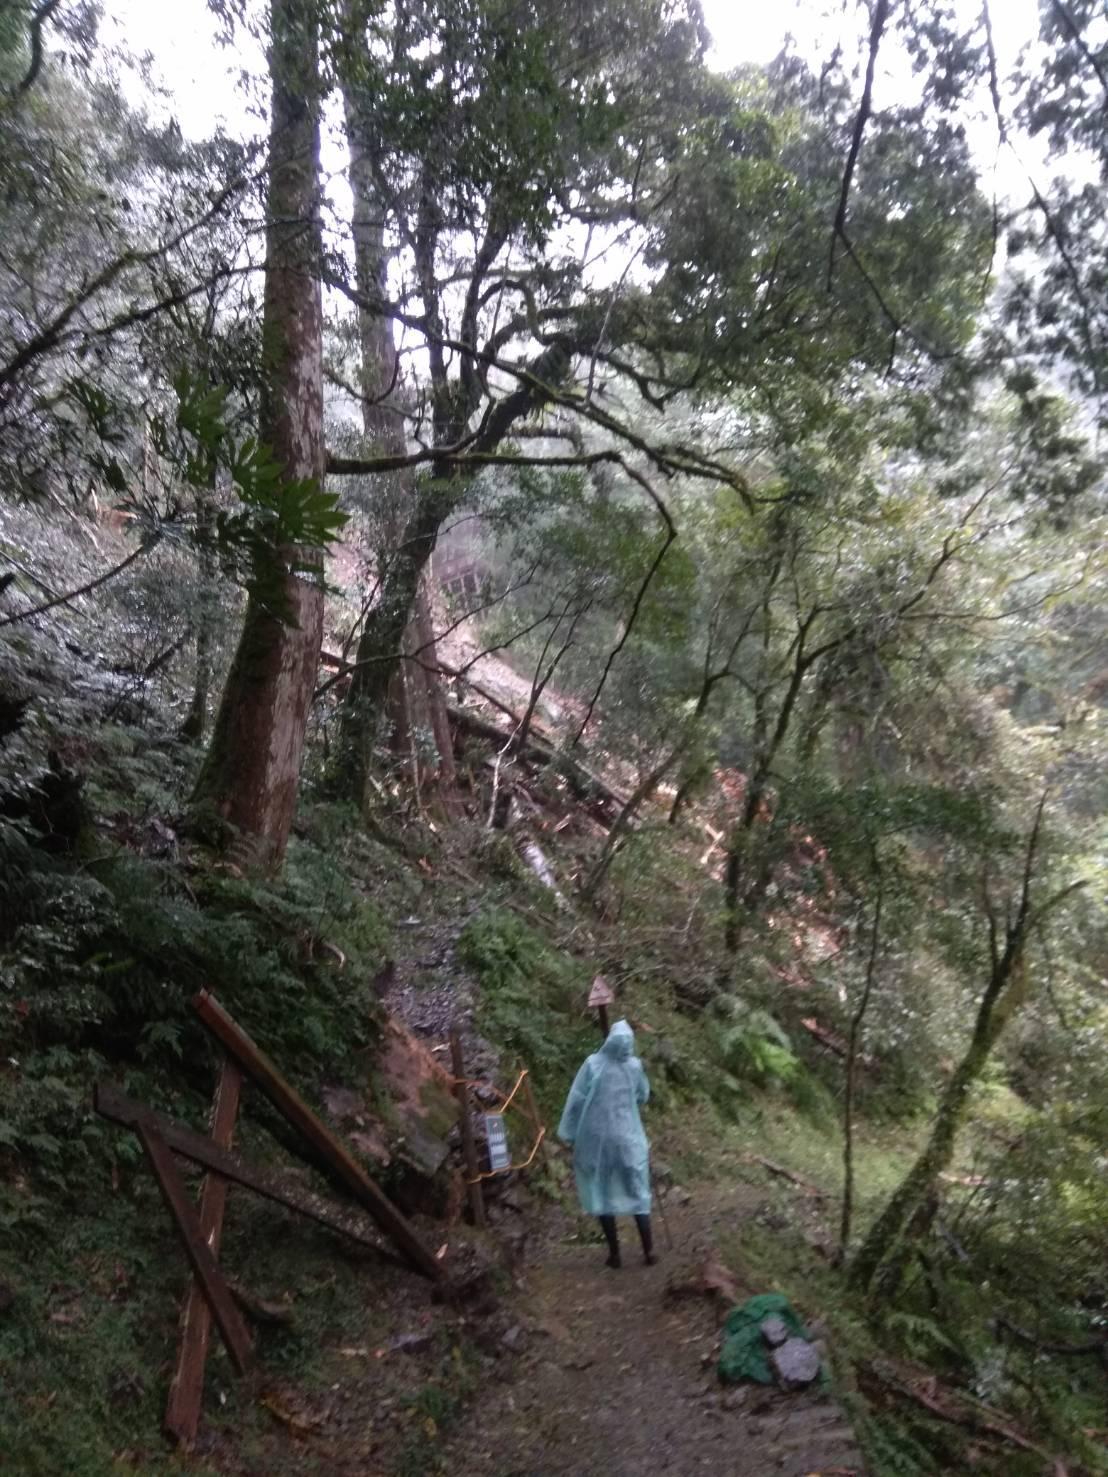 受桃園山區連日豪雨影響,編號23號的千年紅檜巨木倒塌。(翻攝自新竹林區管理處官網)